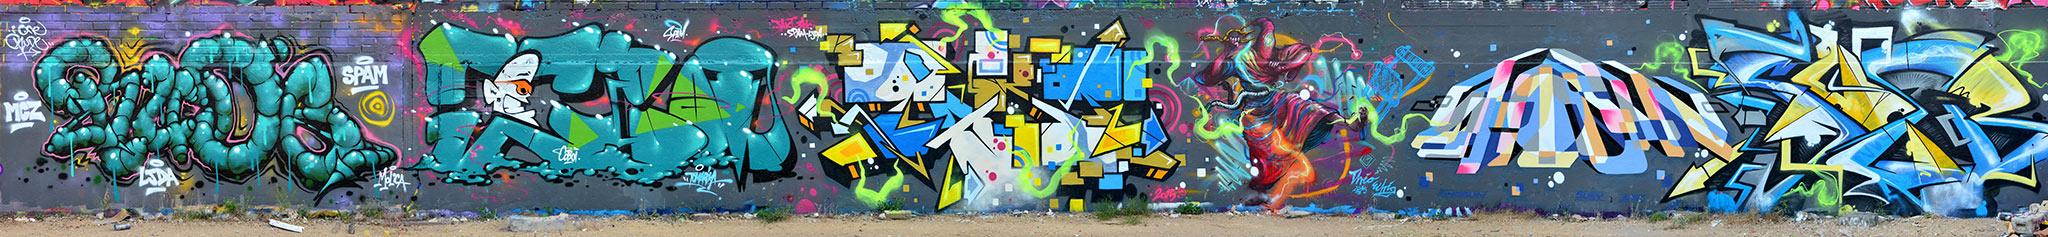 shogun_graffiti_paris_2015_secondwall_3